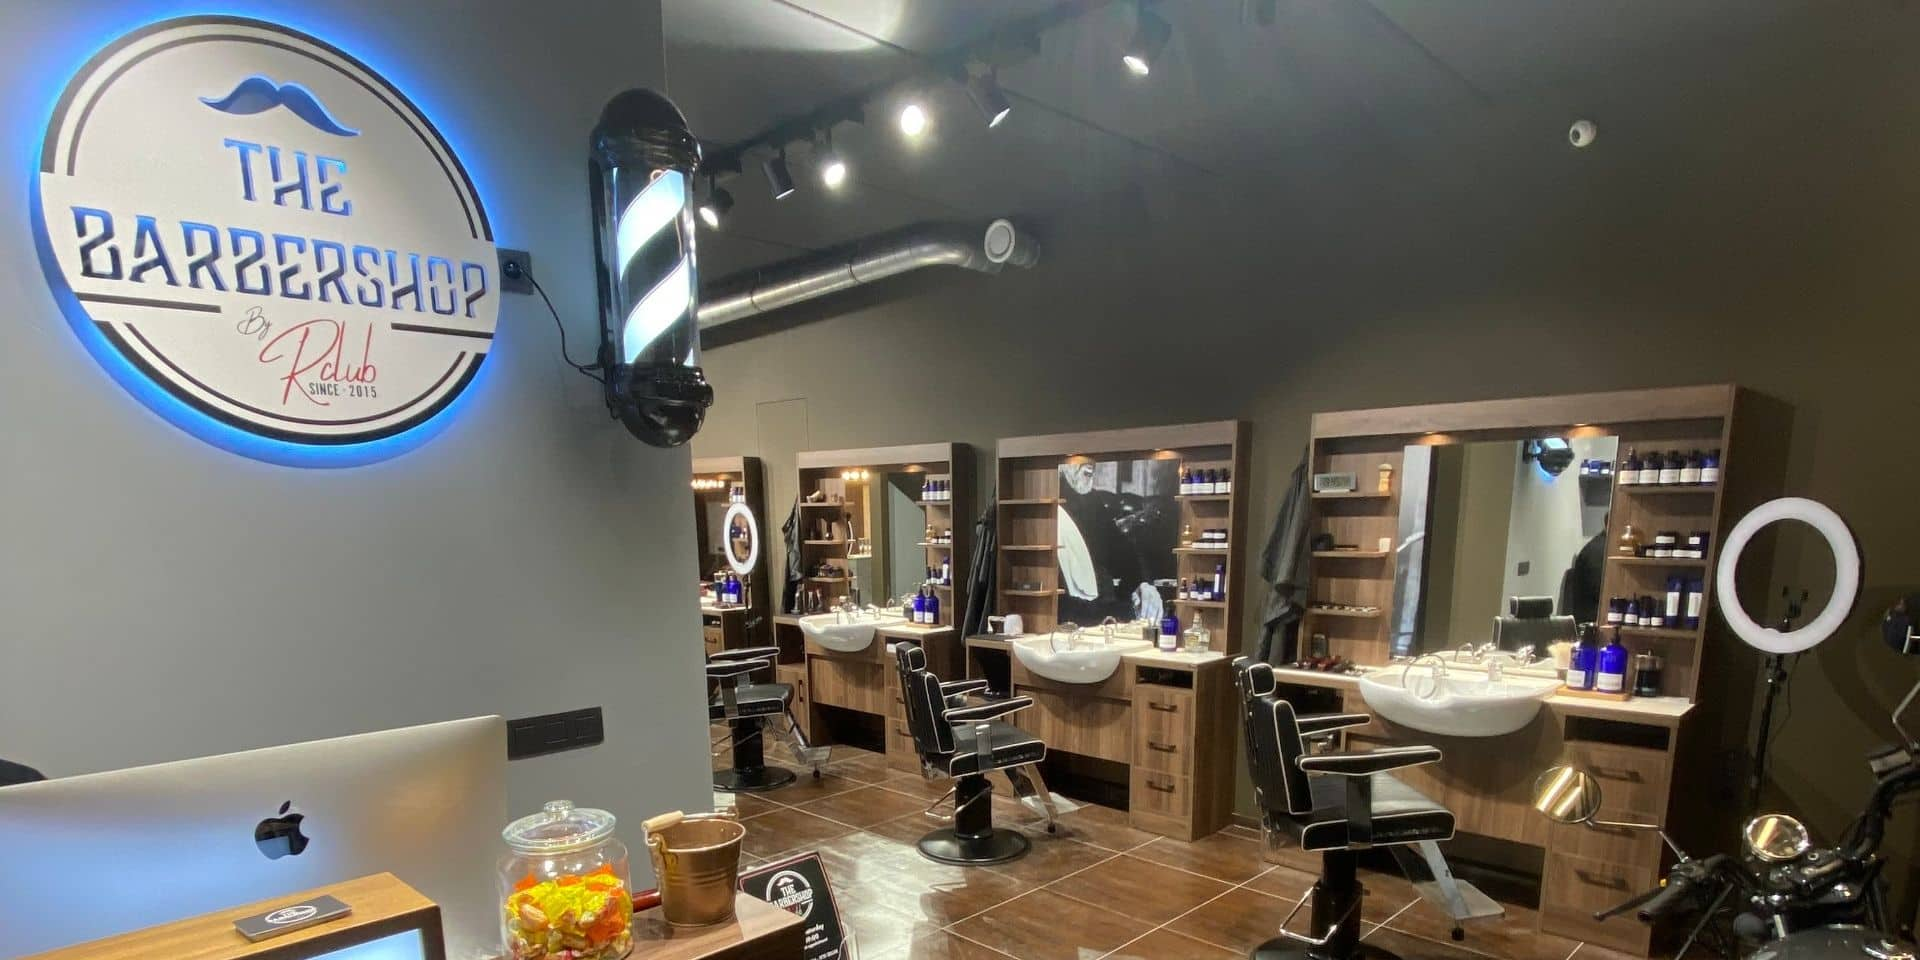 Un barbershop pas comme les autres ouvre ses portes en grandes pompes à Zellik